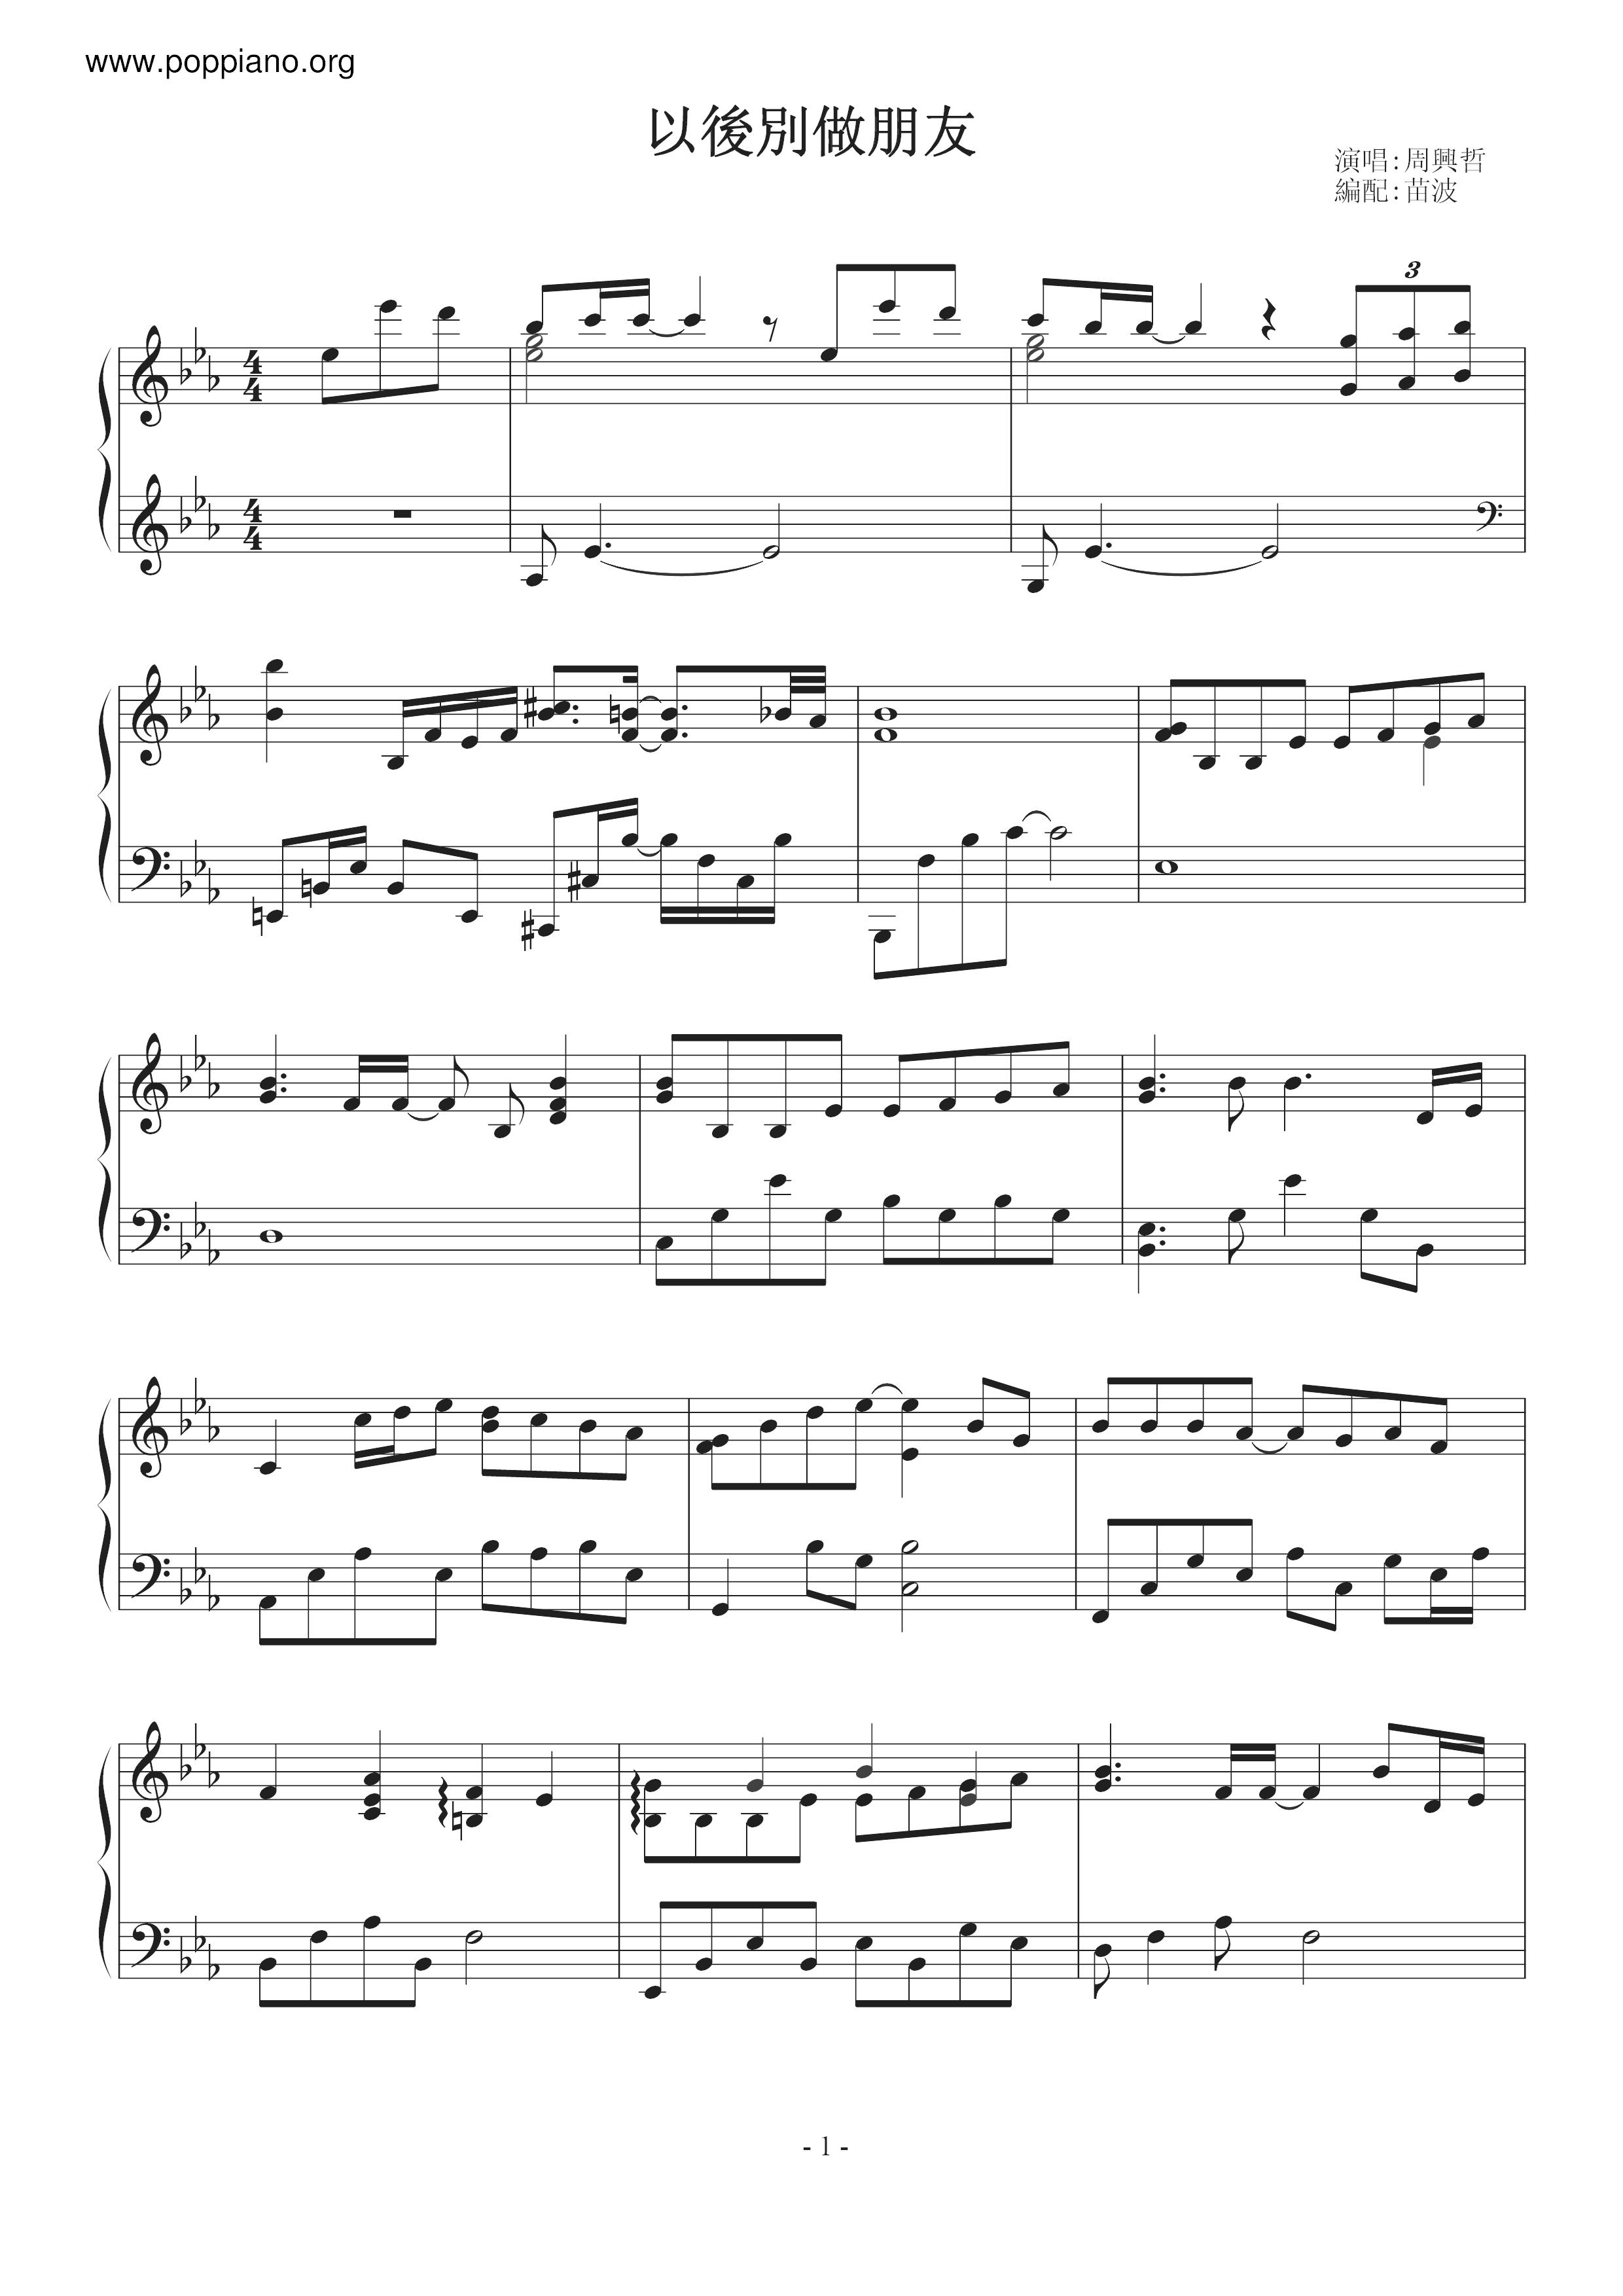 ★ 以後別做朋友琴譜 - 香港流行鋼琴協會 ★